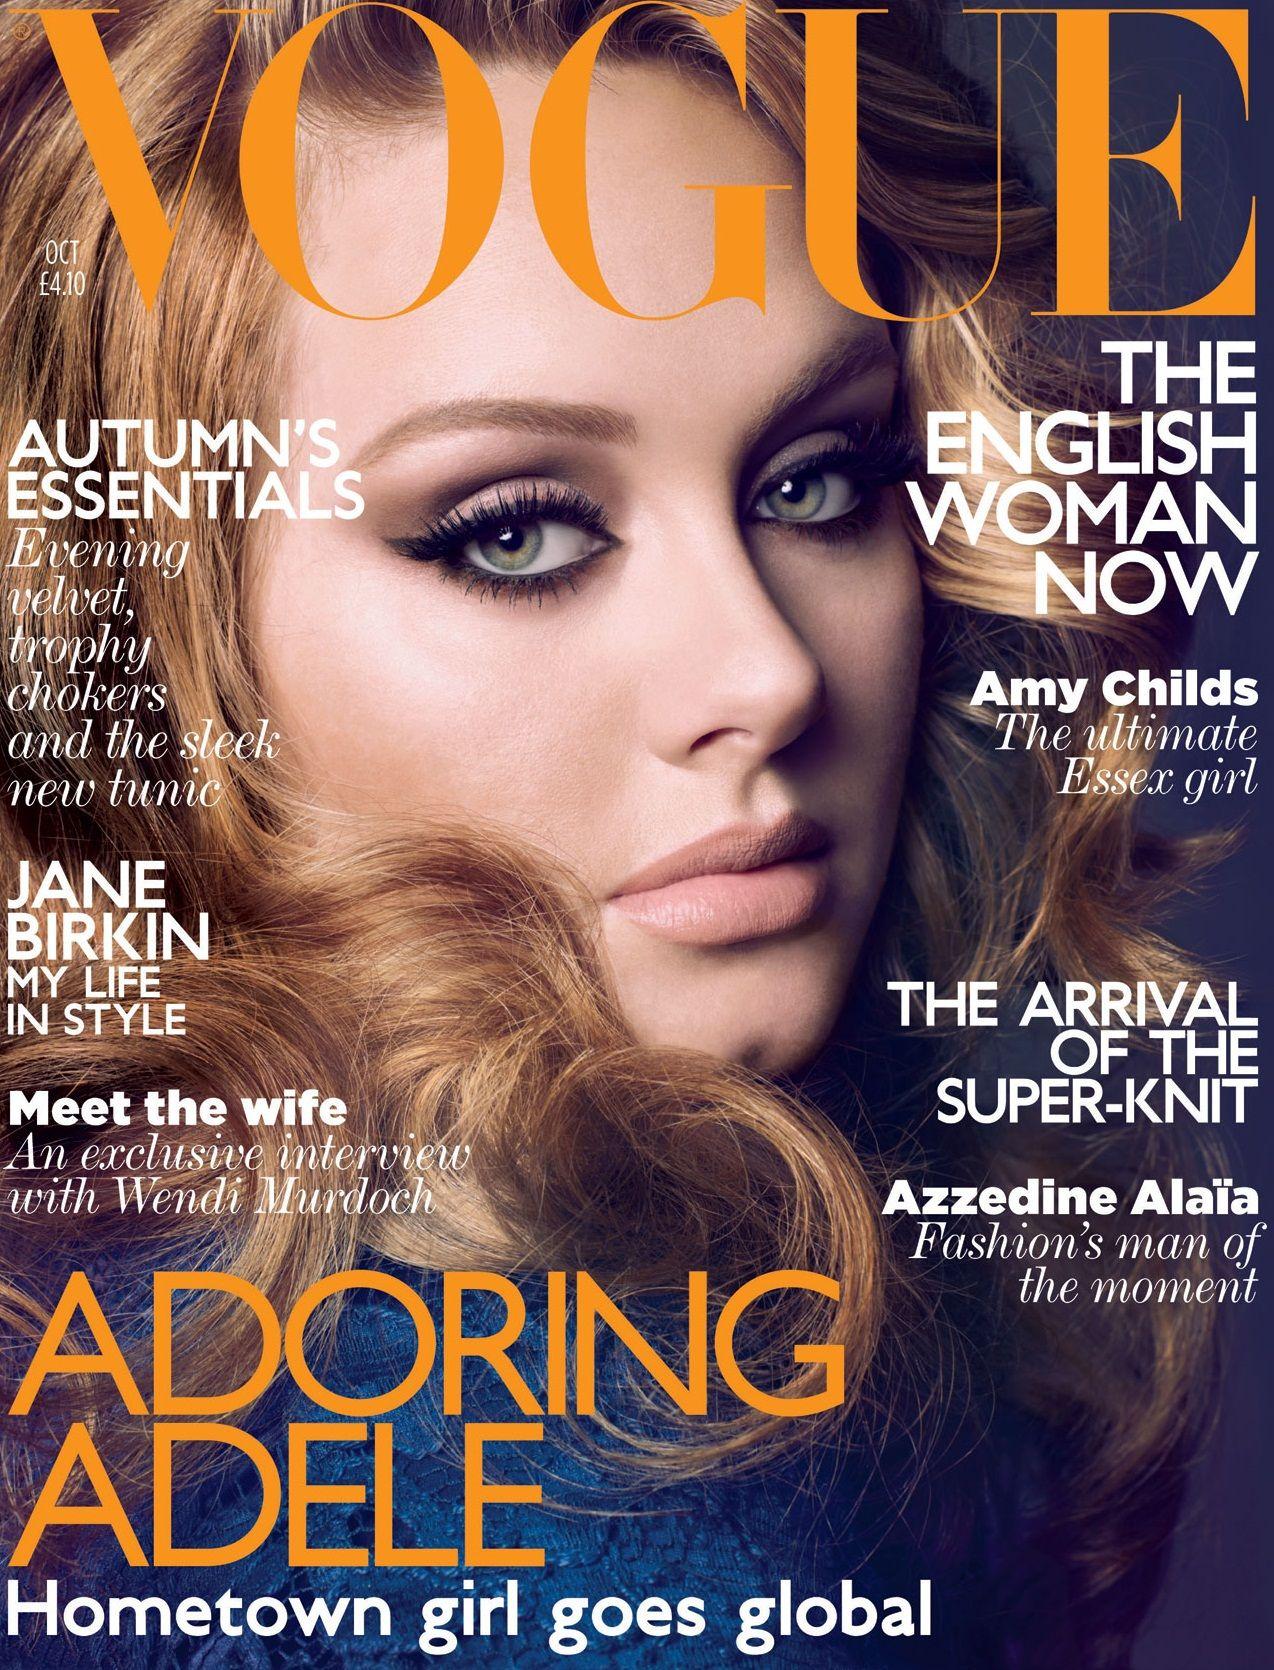 ce6f6f8840a6 Vogue (magazine)